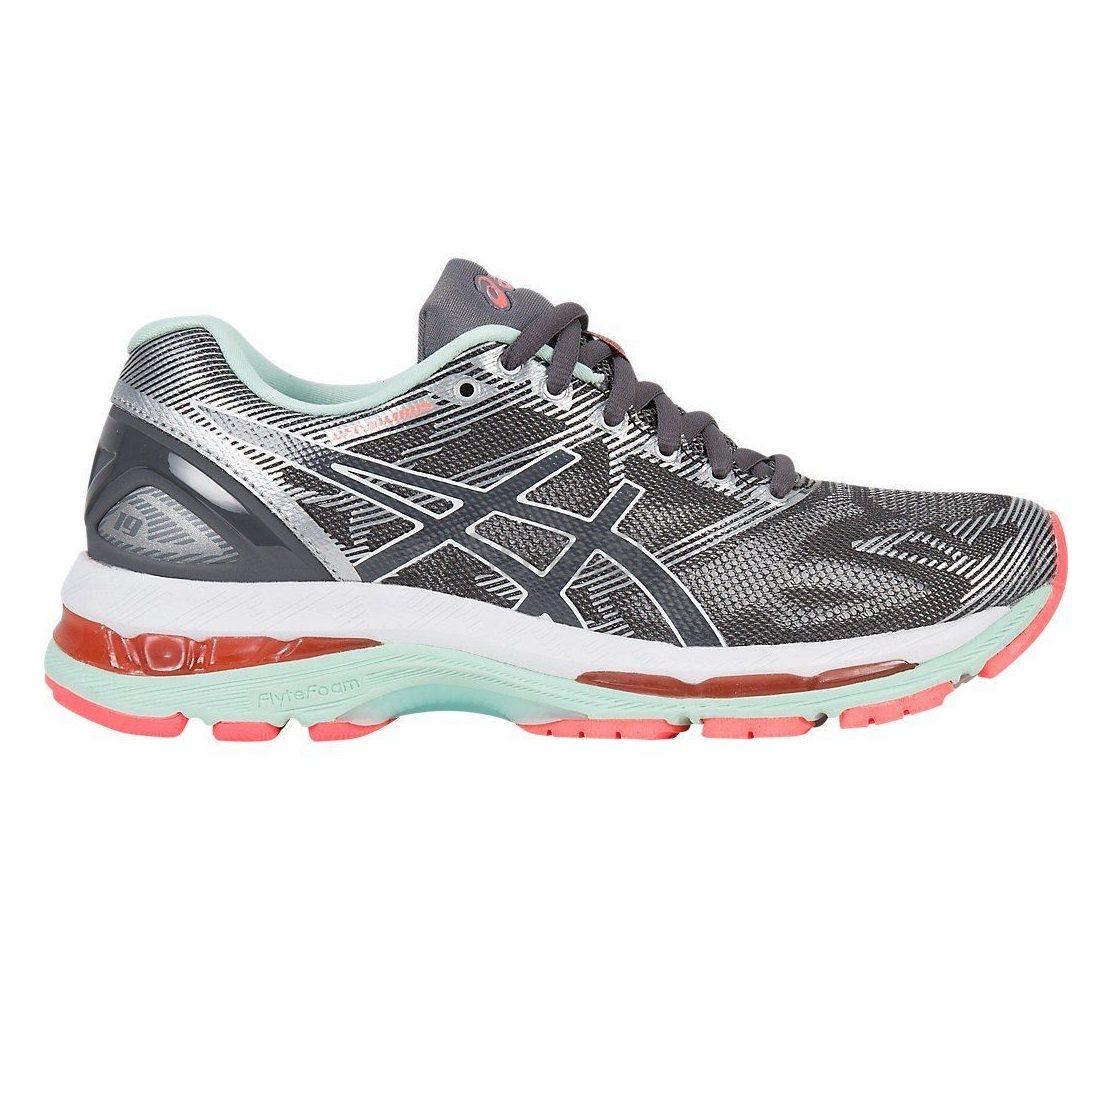 【中亚Prime会员】ASICS 亚瑟士 GEL-Nimbus 19 女士顶级缓震跑步鞋 到手价528元 - 海淘优惠海淘折扣|55海淘网